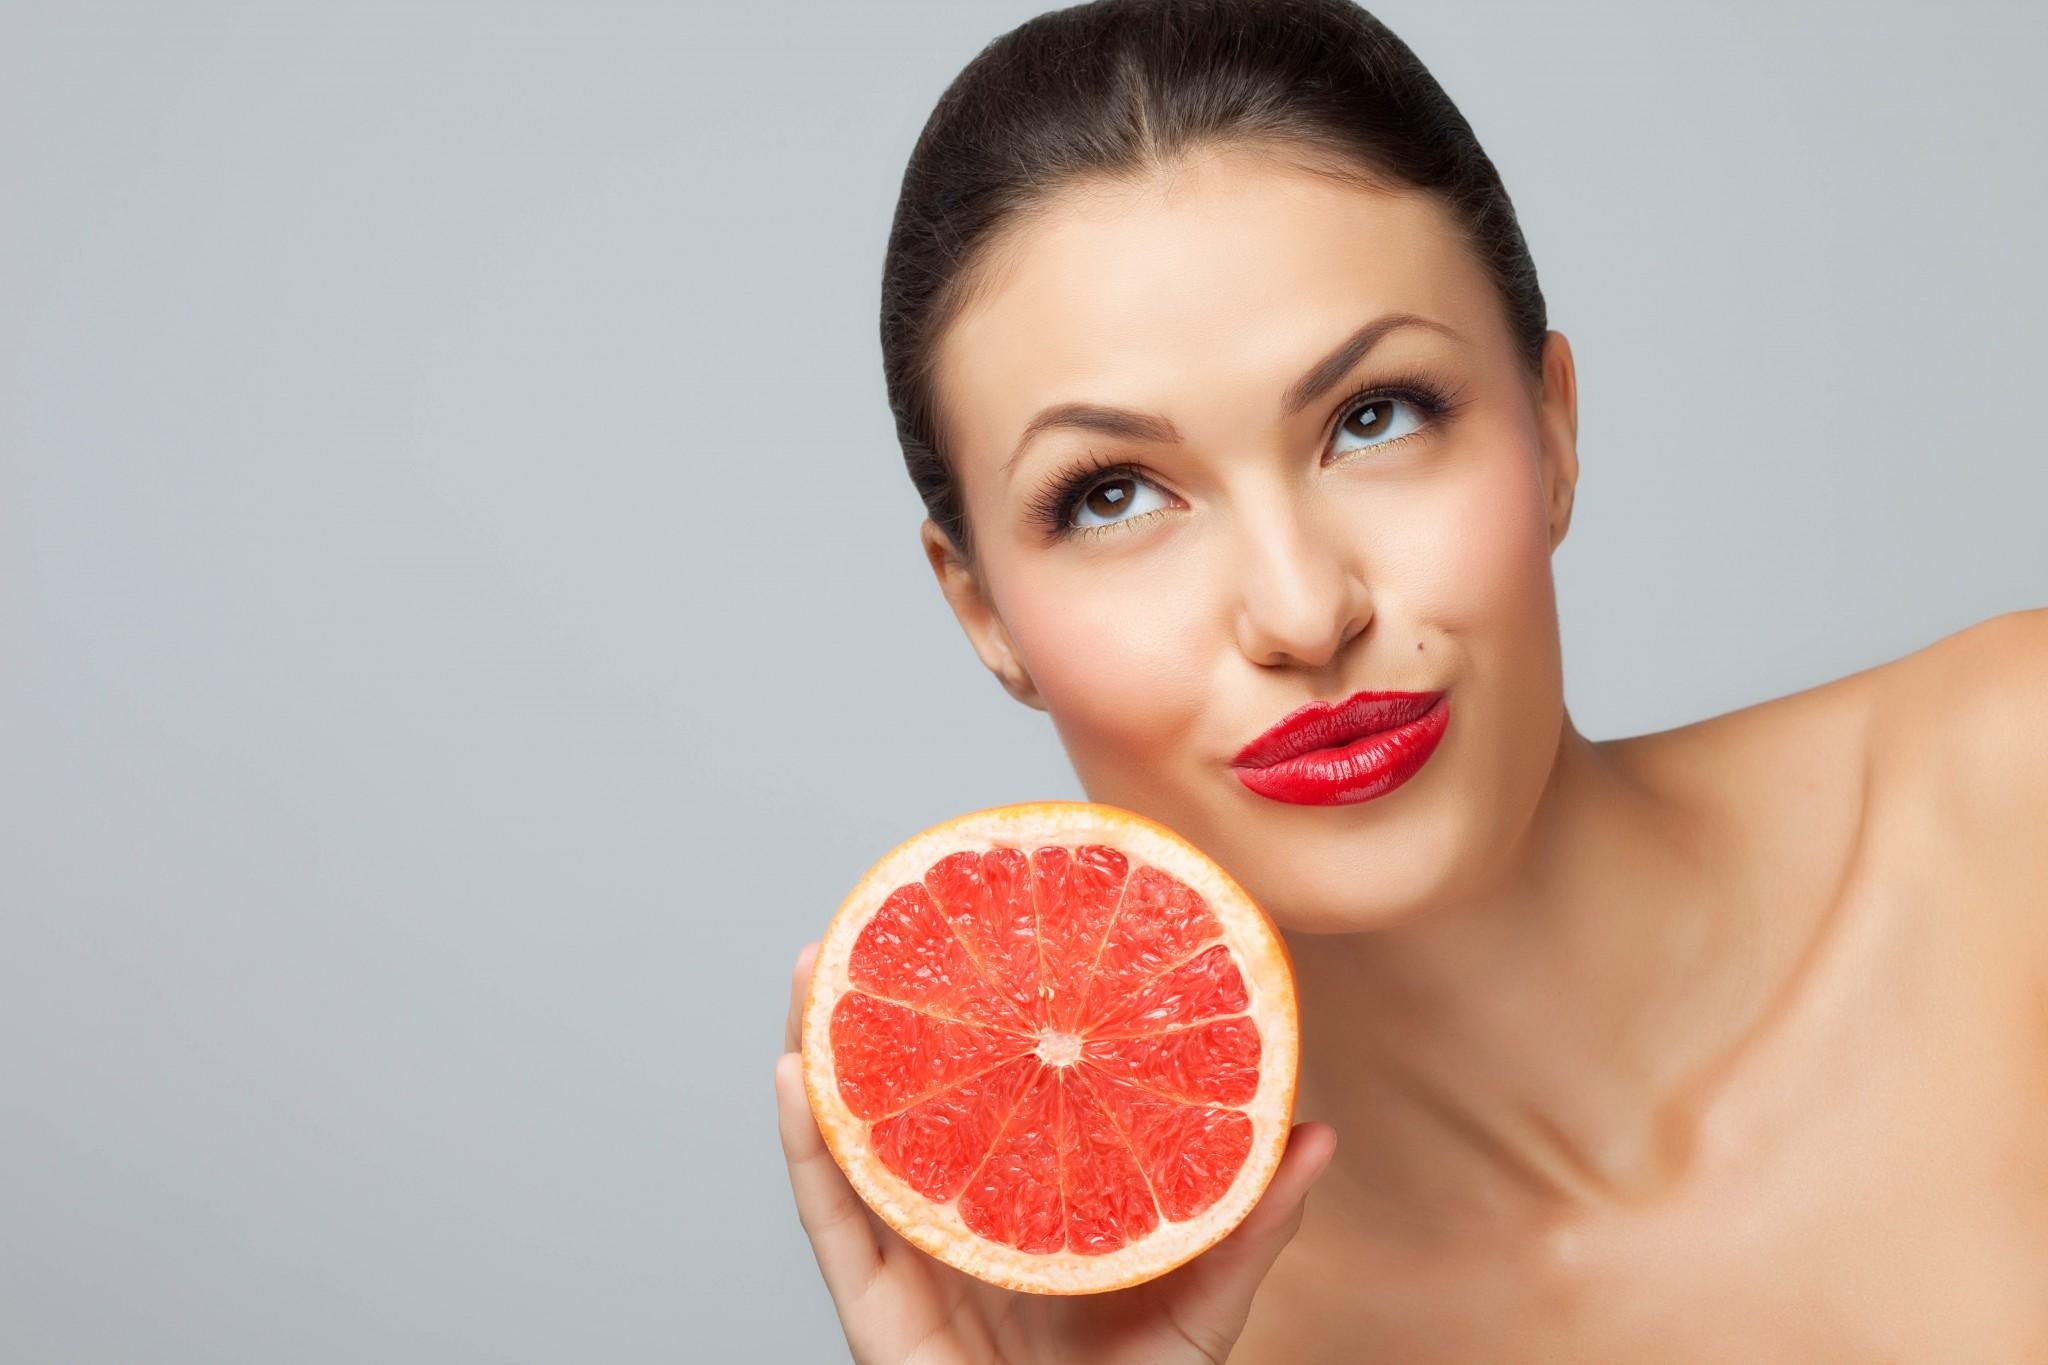 Grapefruit - Top 10 Fat-Burning Foods